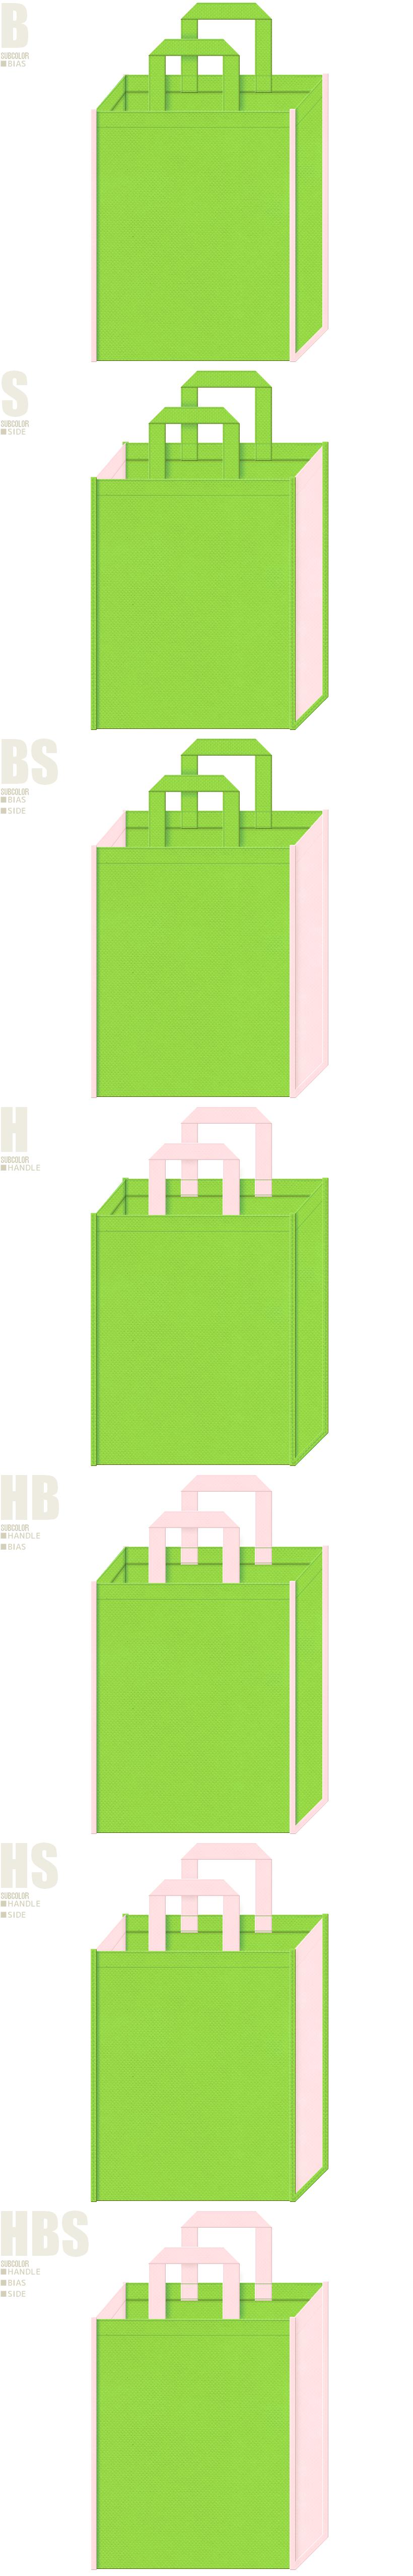 絵本・インコ・お花見・葉桜・アサガオ・あじさい・医療施設・介護施設・春のイベント・フラワーショップにお奨めの不織布バッグデザイン:黄緑色と桜色の配色7パターン